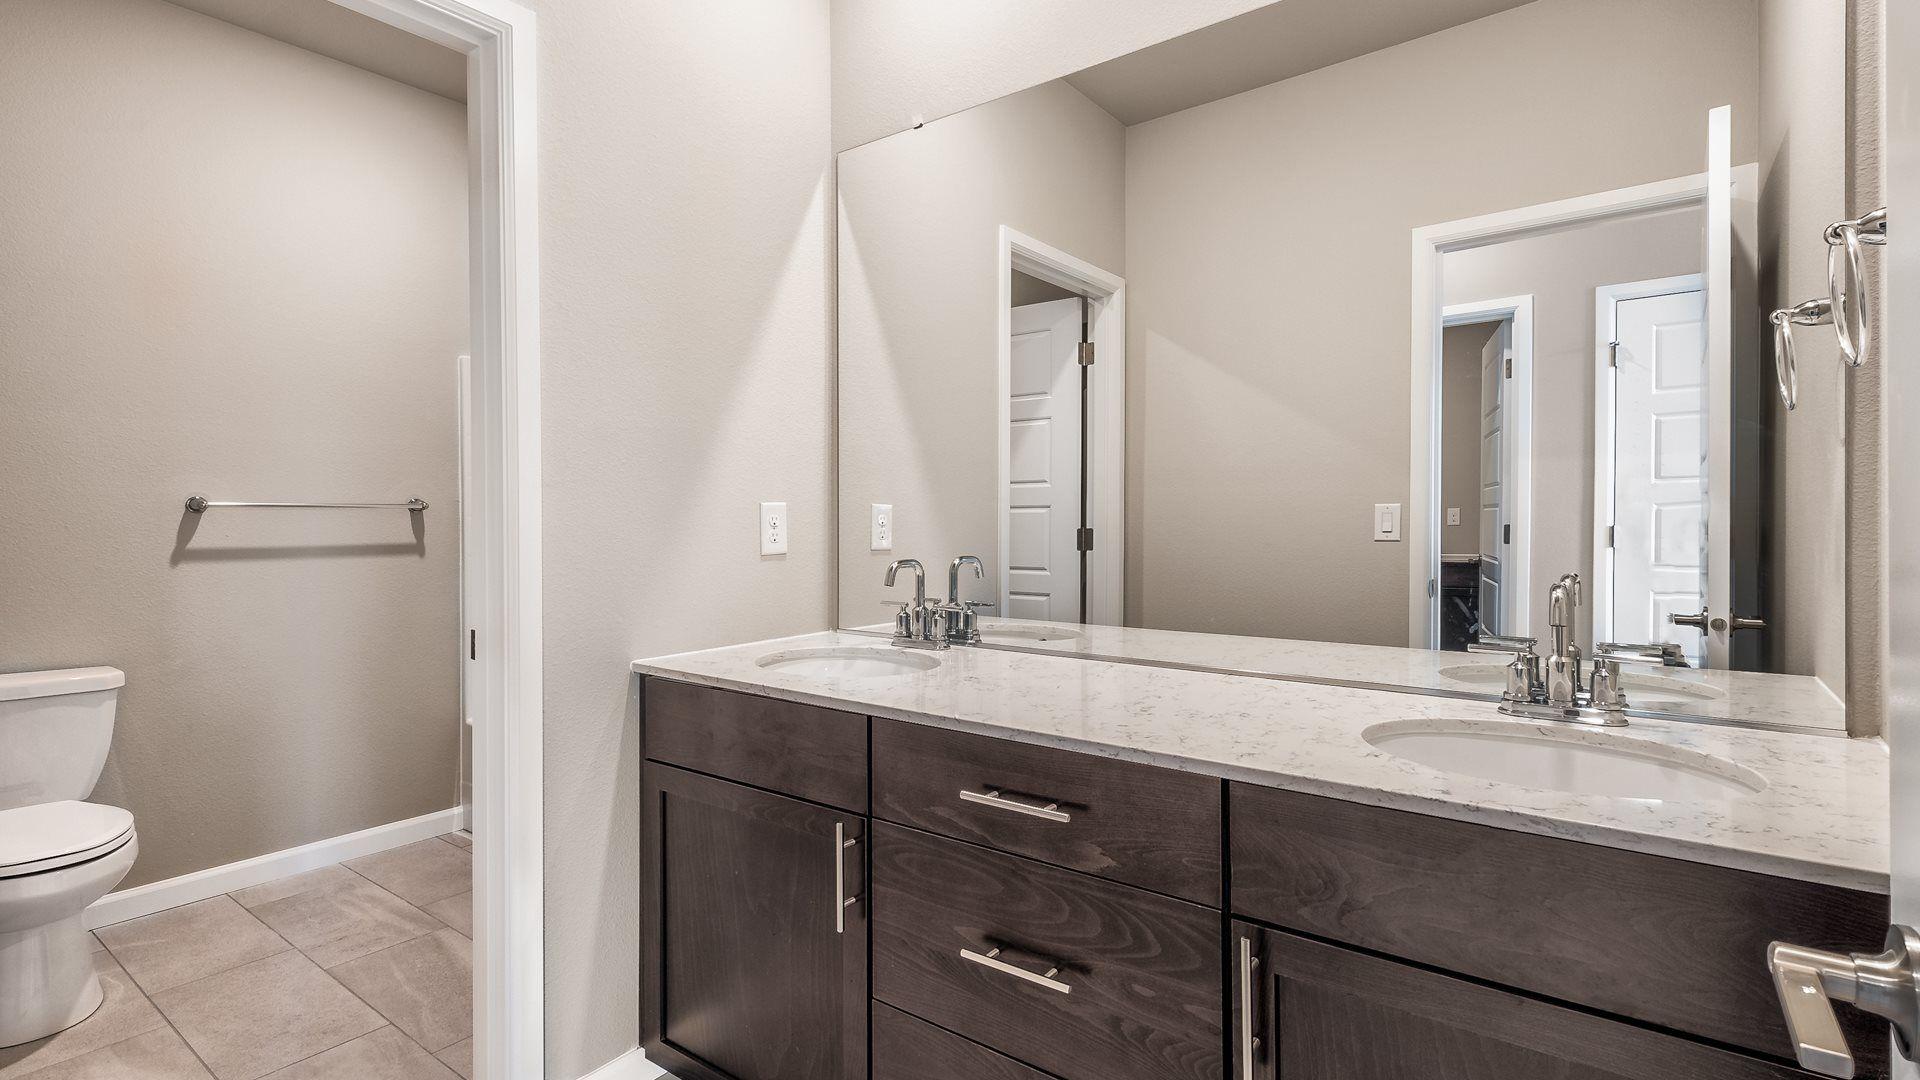 Bathroom featured in the Roslyn, Village By Lennar in Seattle-Bellevue, WA